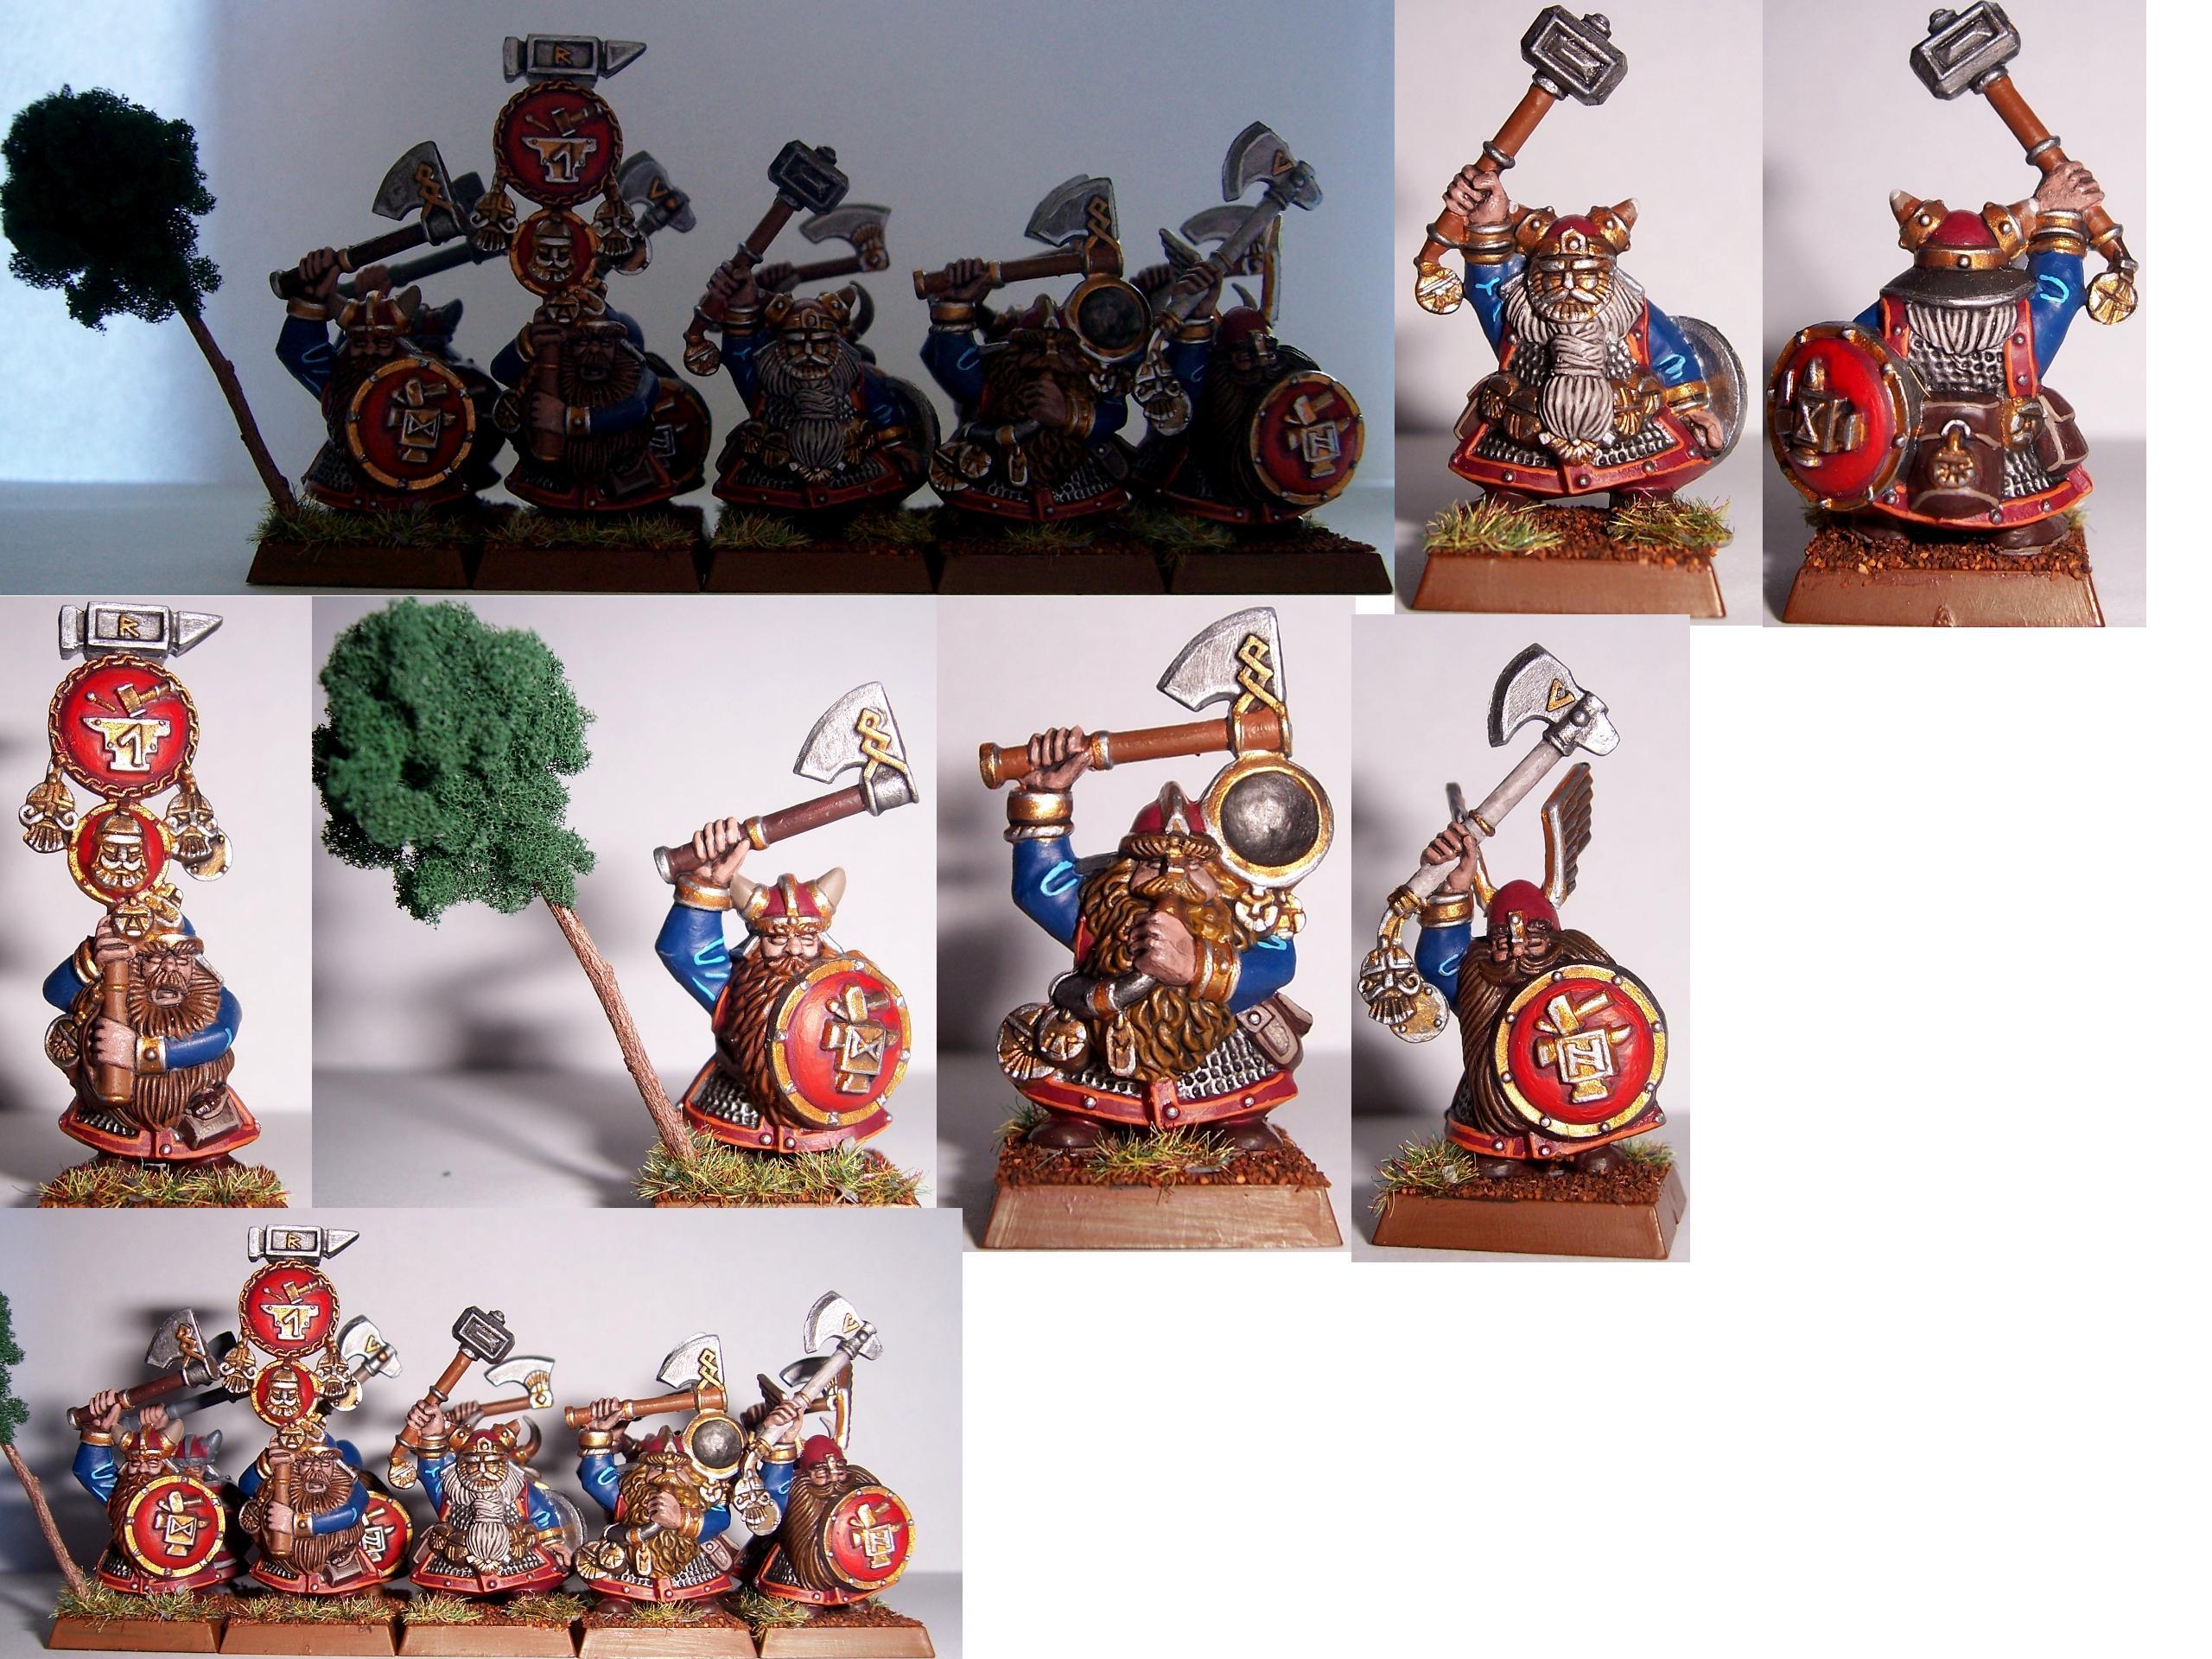 Dwarves, Warriors, Dwarven warriors